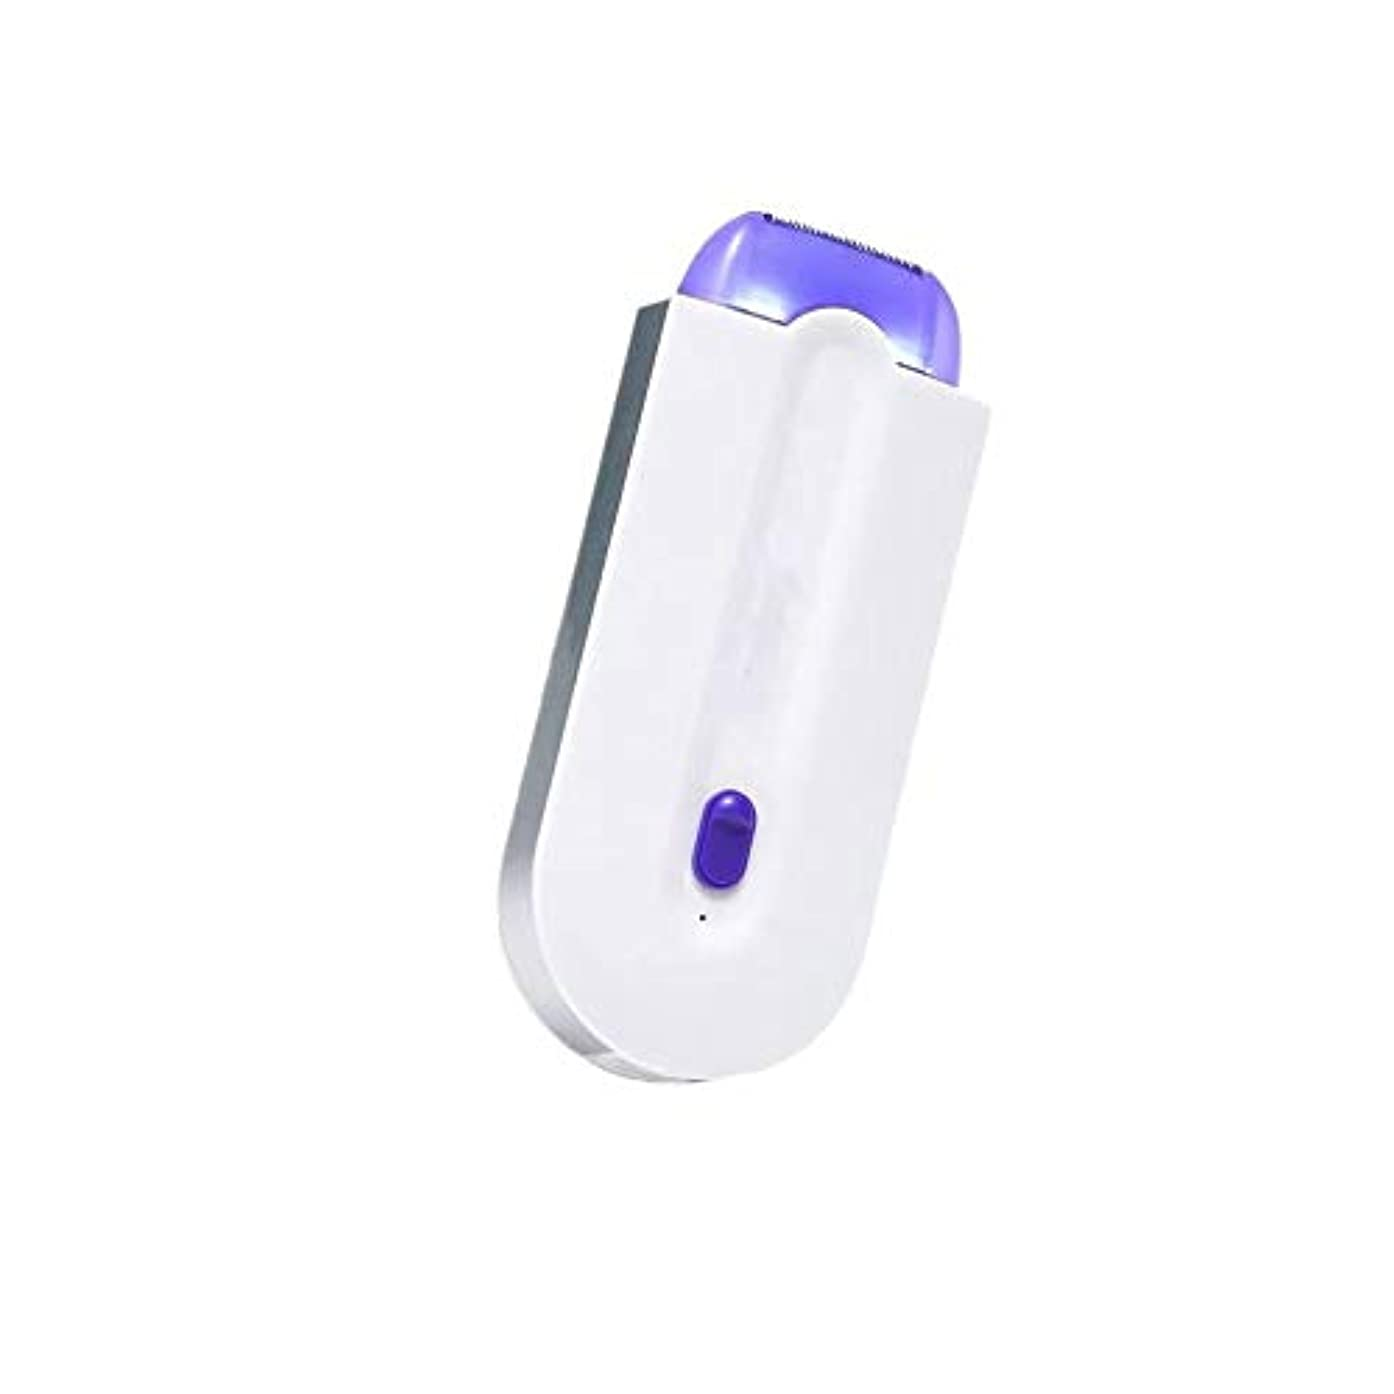 アセコンテスト狂信者レーザー脱毛装置は、電気痛みのない、美容院リップ脱毛装置、脇の下ビキニ脚脱毛装置です